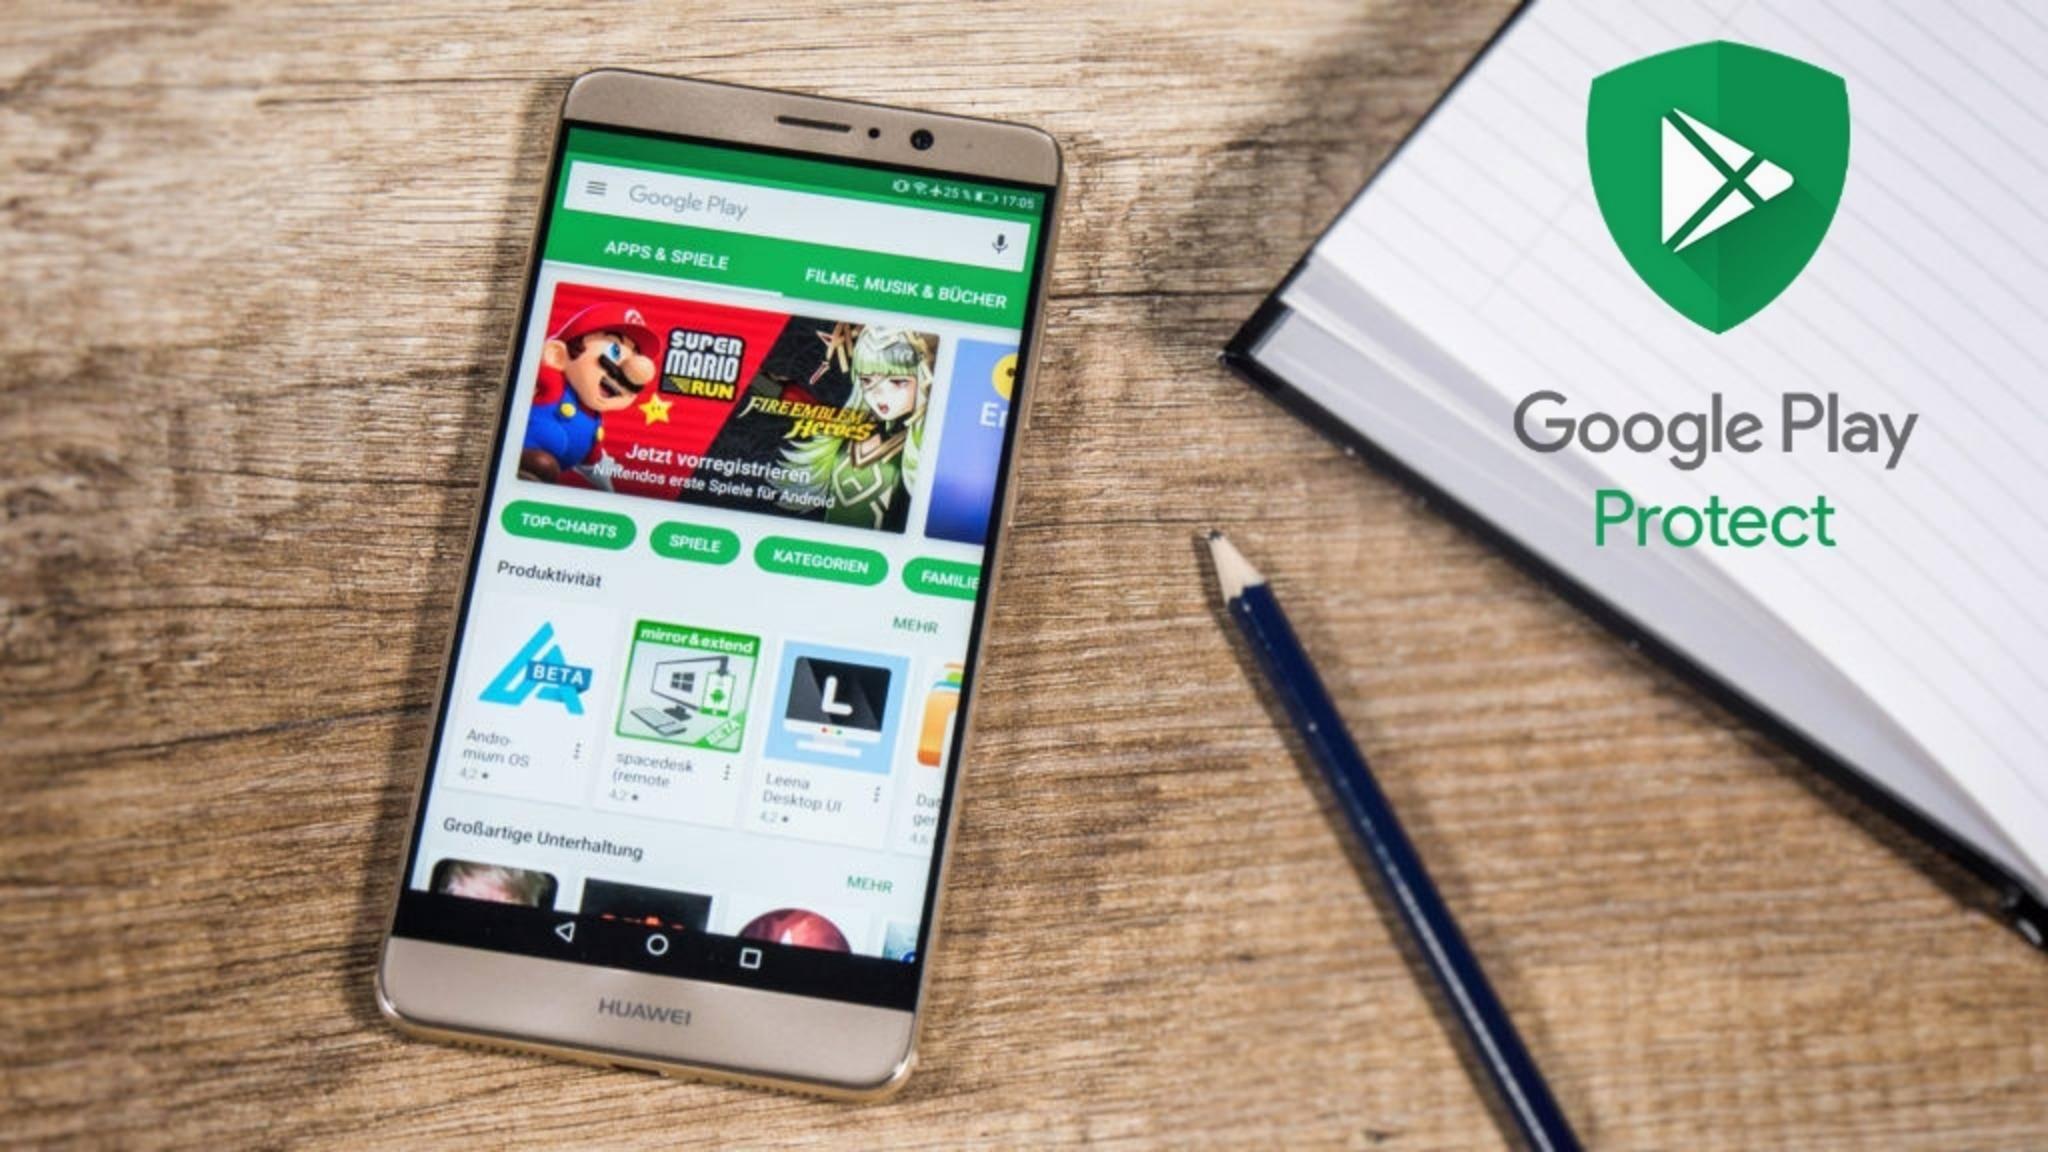 Google Play Protect dient als General-Schutz für Millionen von Android-Geräten.